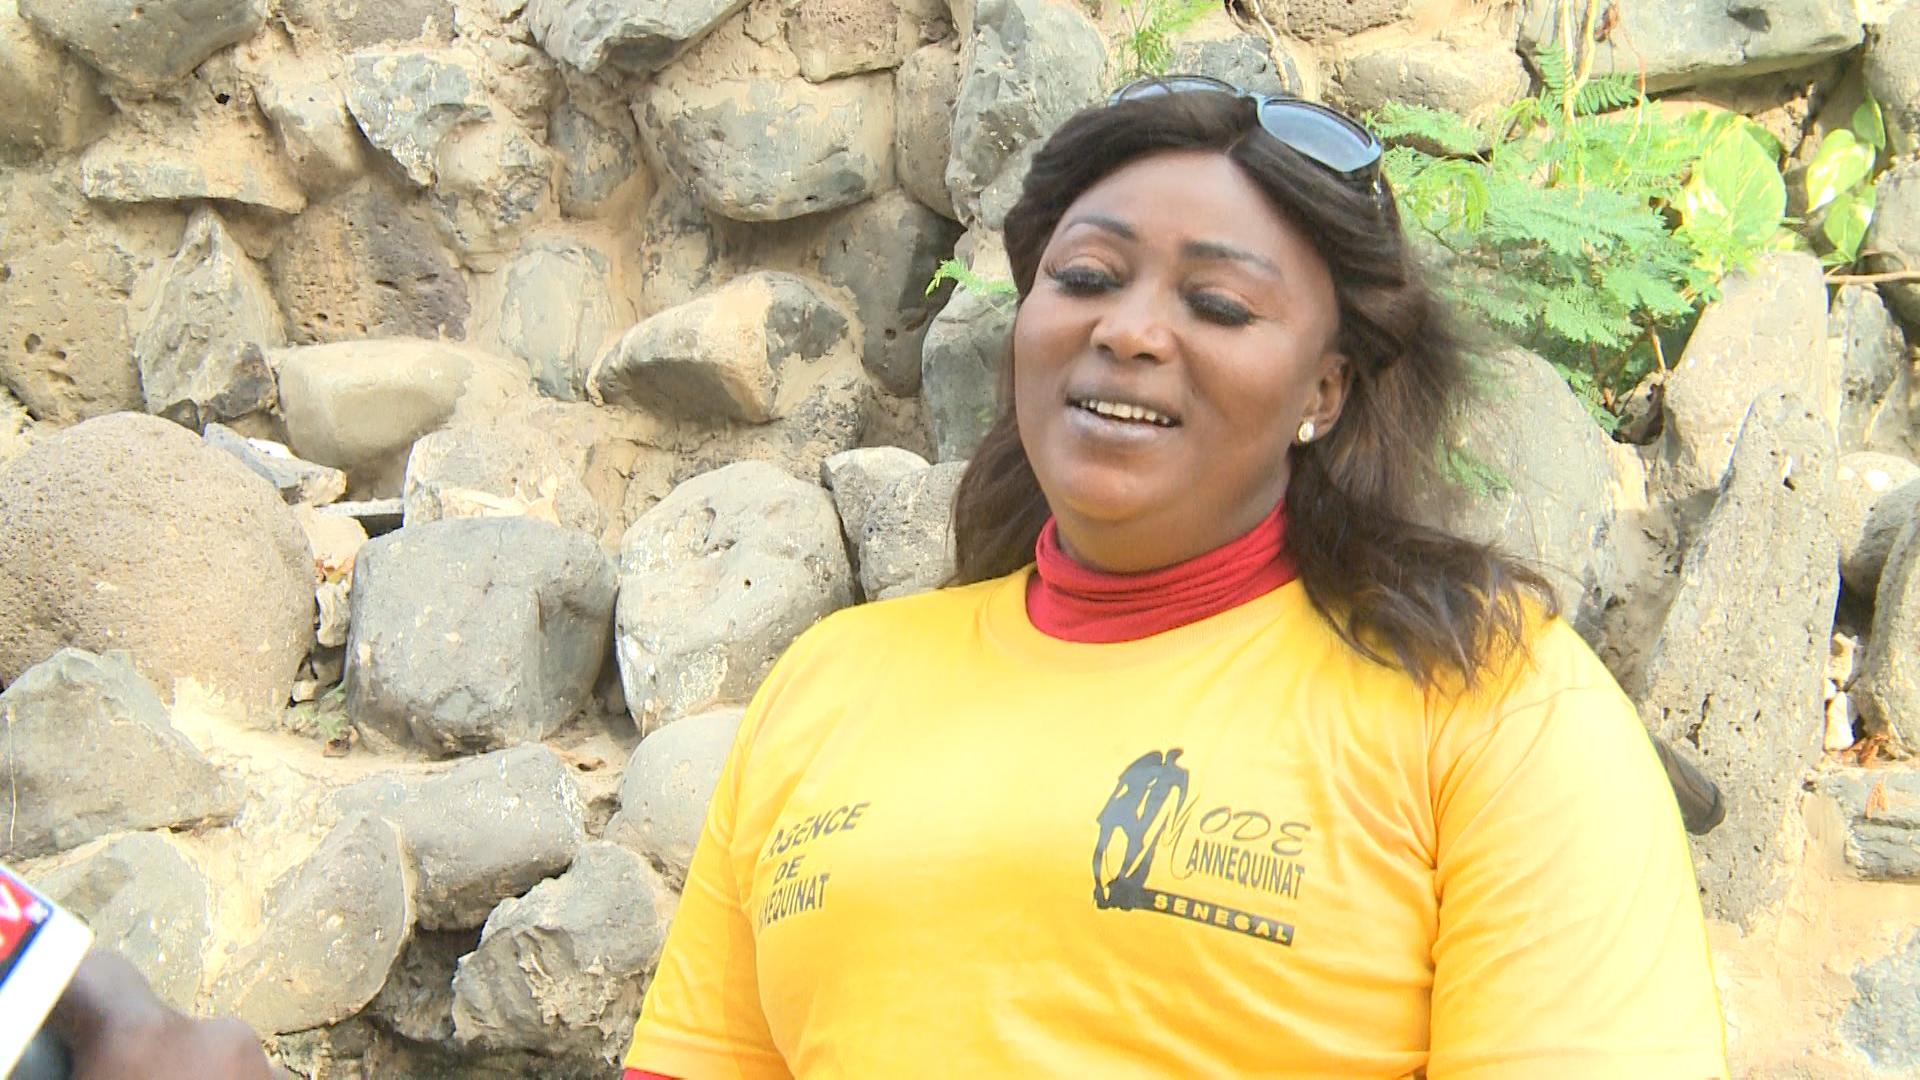 """VIDEO - Les tristes confessions de Yama NDIAYE (mannequin handicapée): """"J'ai perdu mon..."""""""